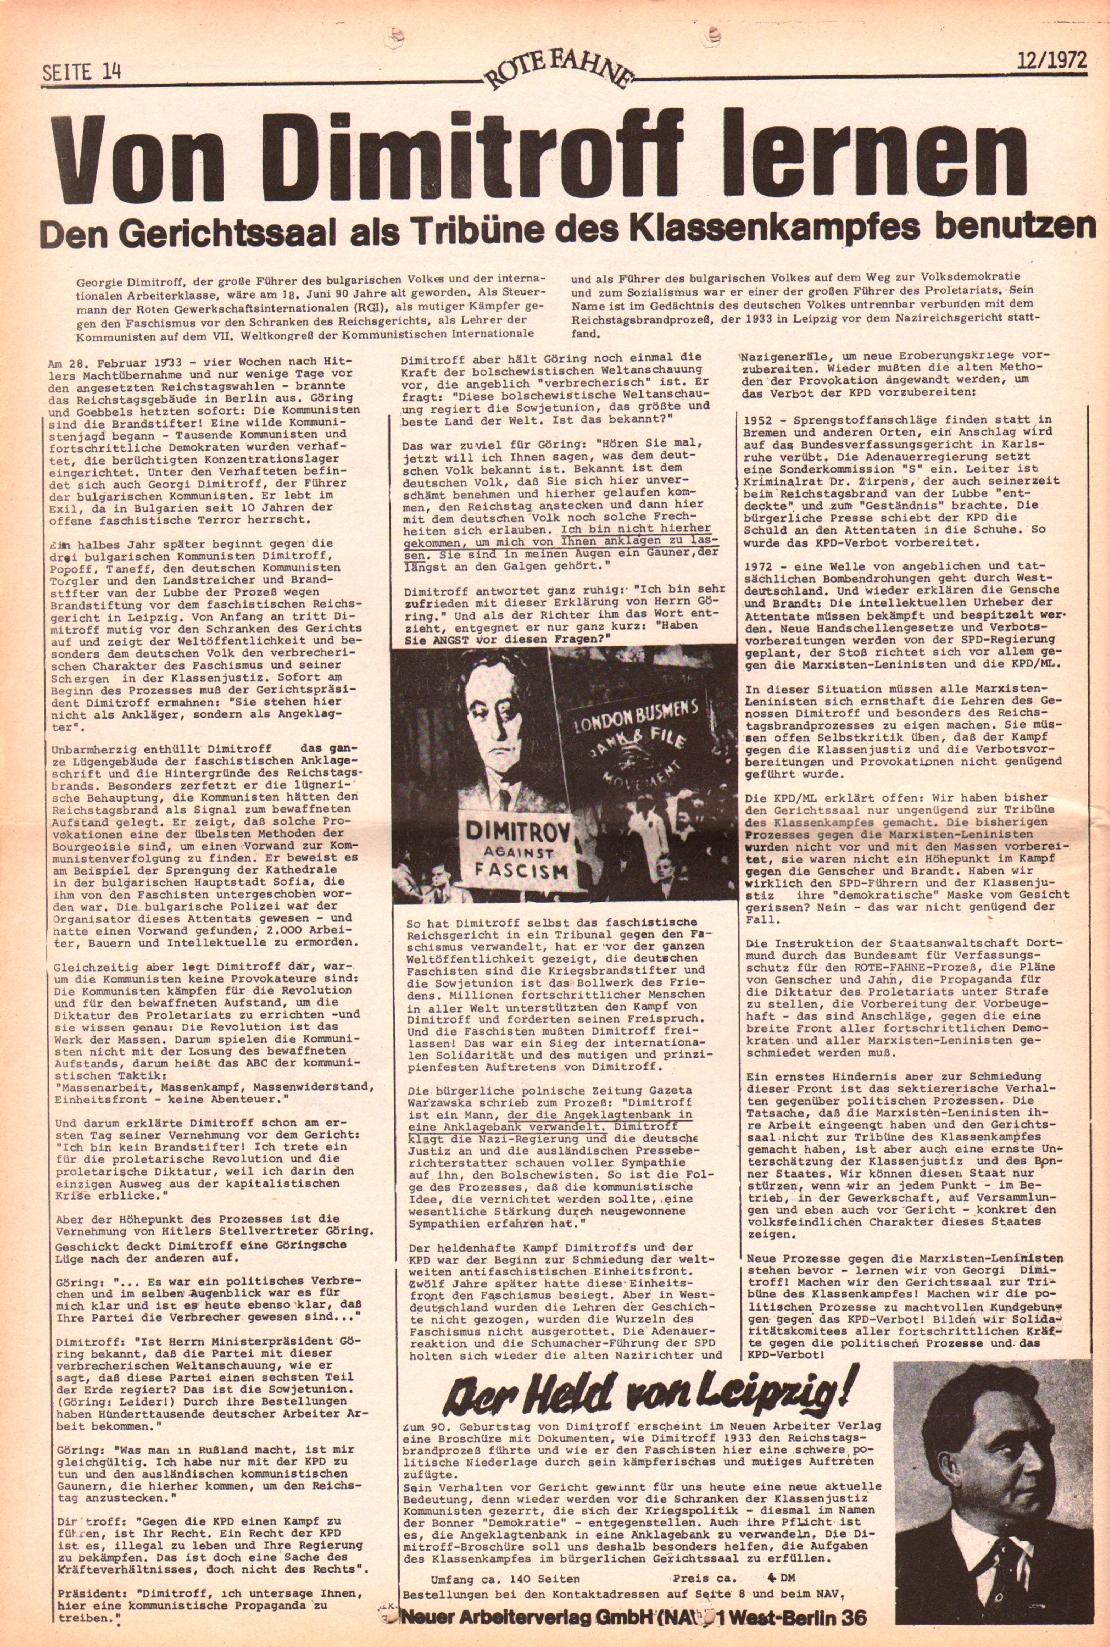 Rote Fahne, 3. Jg., 12.6.1972, Nr. 12, Seite 14